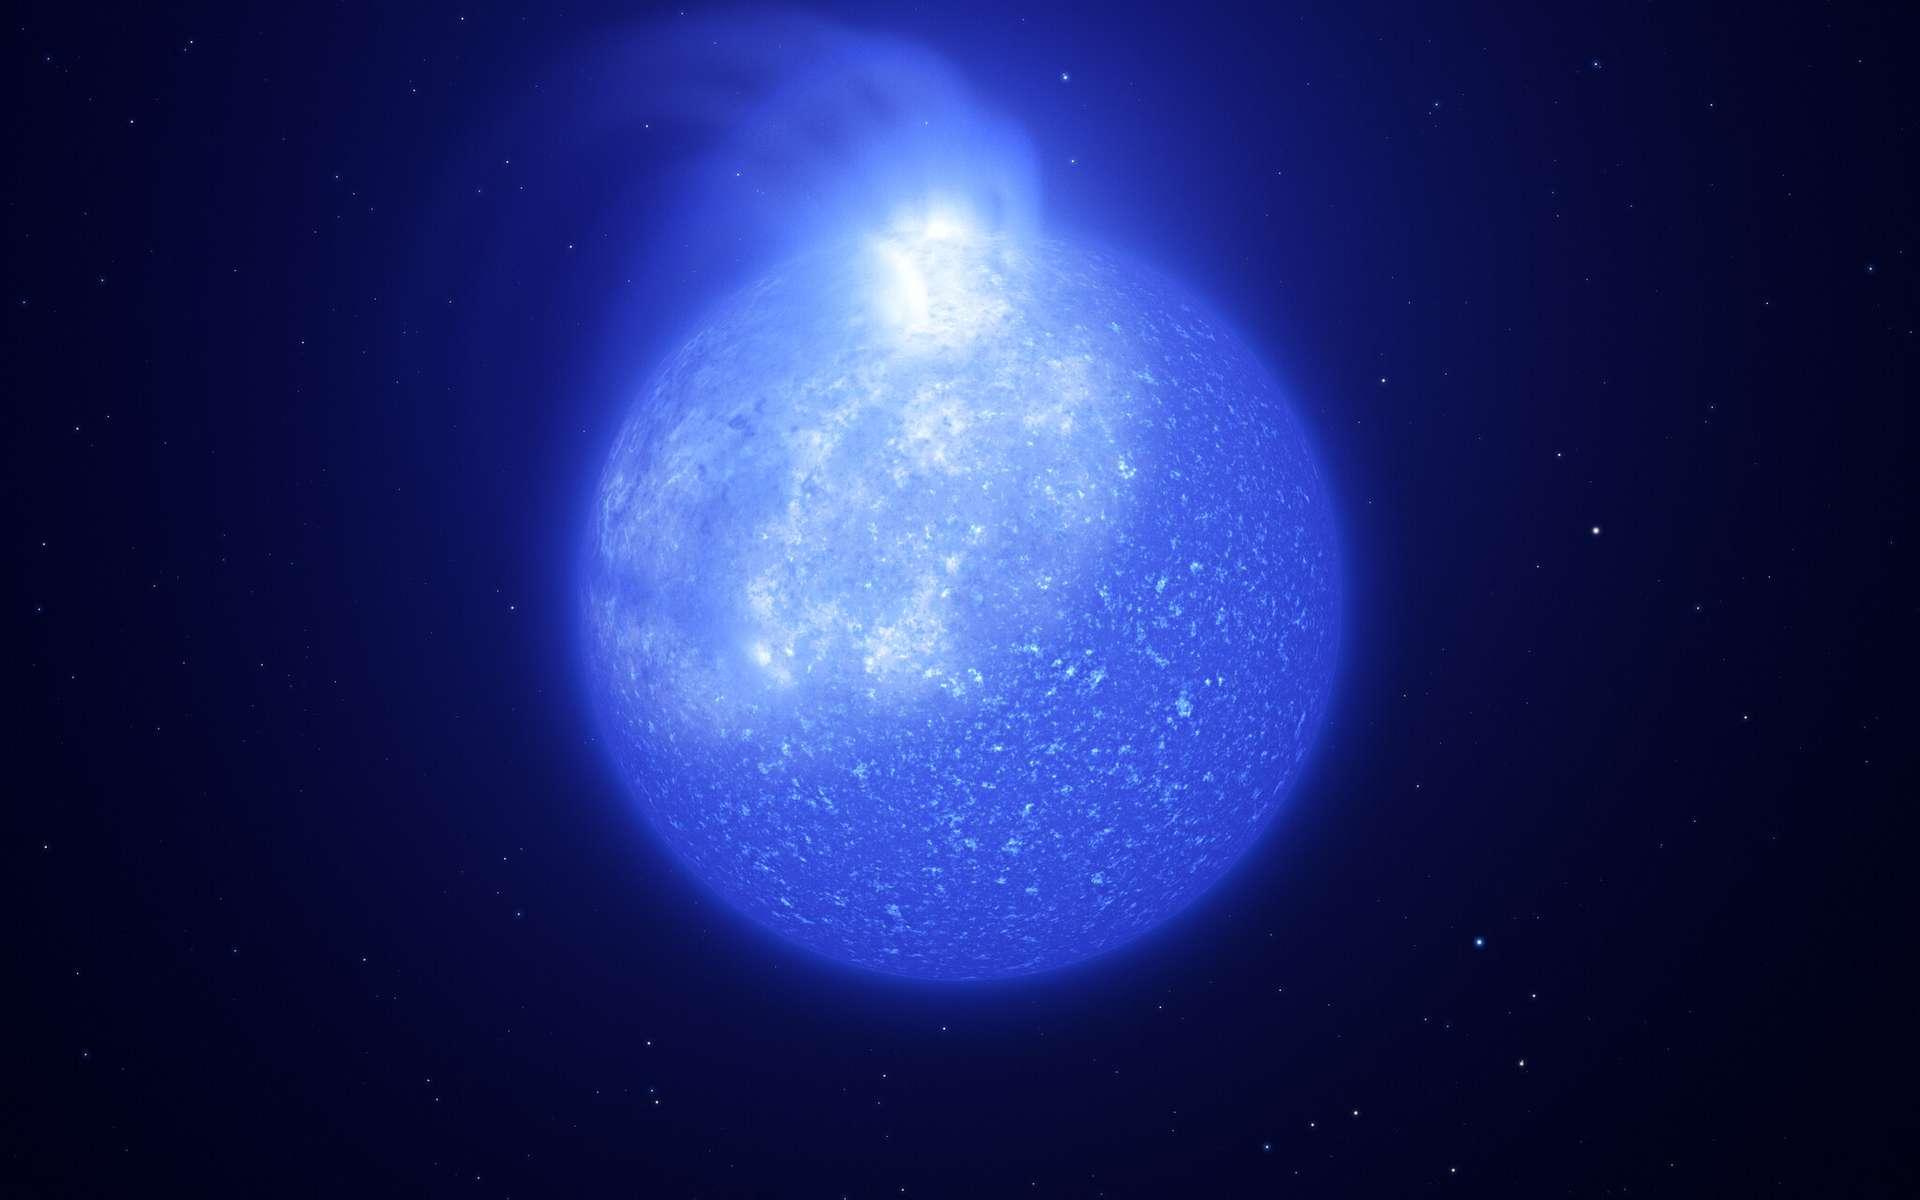 Les astronomes utilisant les télescopes de l'ESO ont découvert des taches géantes à la surface d'étoiles extrêmement chaudes cachées dans des amas stellaires. Ces étoiles sont appelées étoiles de la branche horizontale extrême. Cette image montre une représentation artistique de ce à quoi pourrait ressembler l'une de ces étoiles et sa tache blanchâtre géante. La tache est brillante, occupe un quart de la surface de l'étoile et est causée par des champs magnétiques. Lorsque l'étoile tourne, la tache à sa surface va et vient, provoquant des changements visibles de sa luminosité. © ESO/L. Calçada, INAF-Padua/S. Zaggia